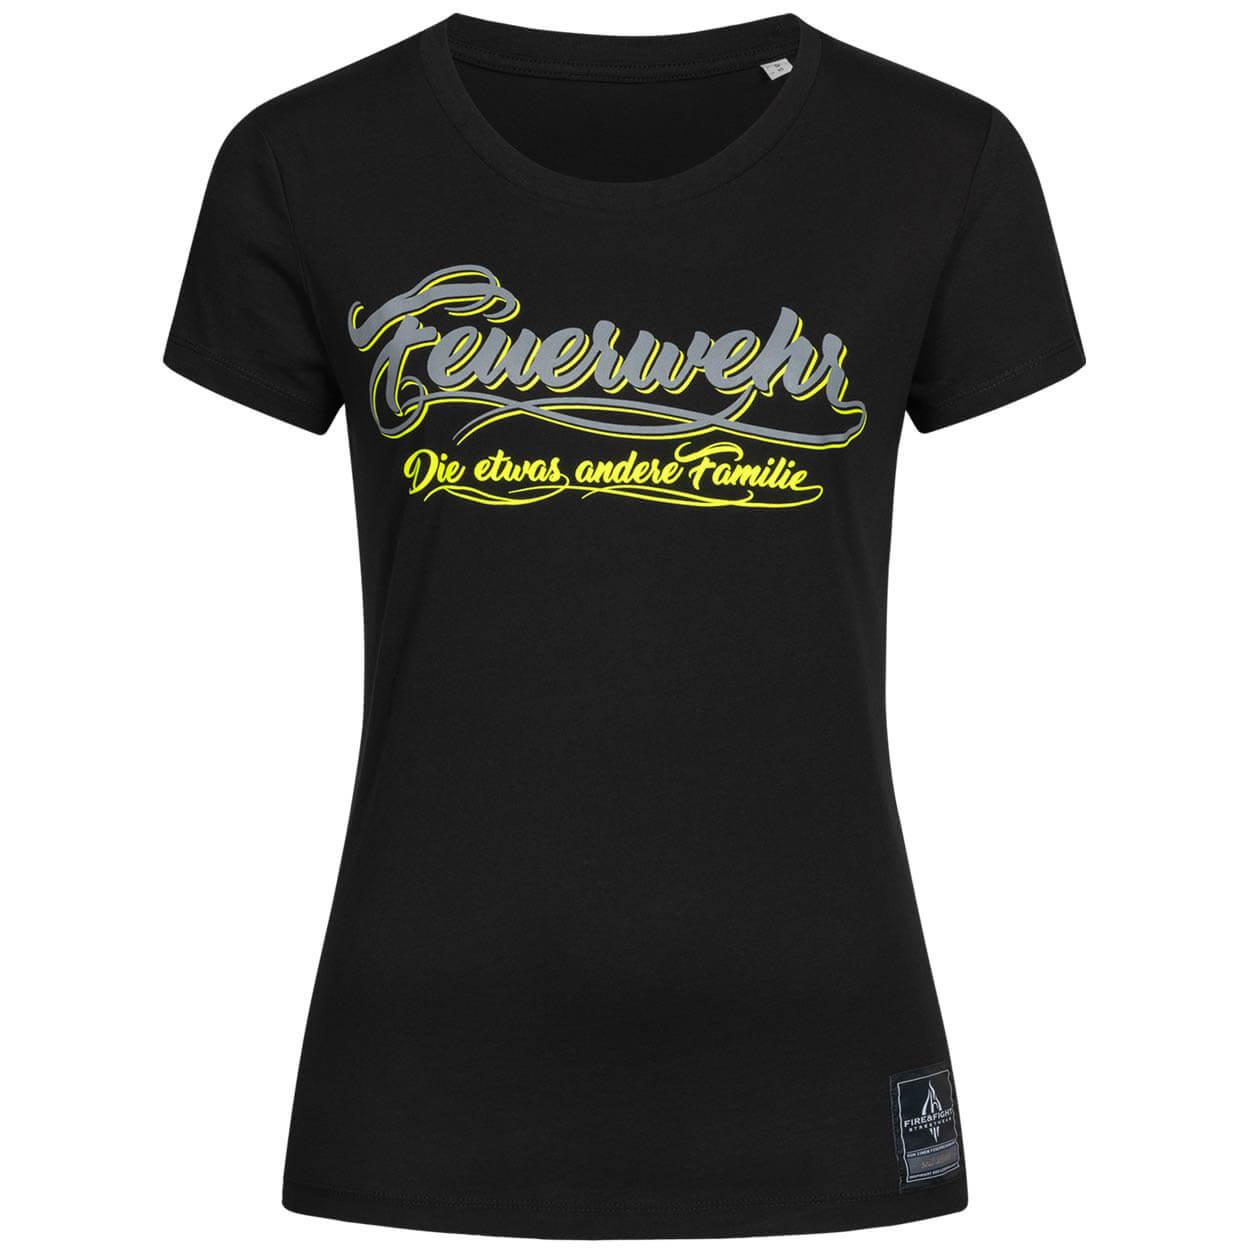 Feuerwehr, die etwas andere Familie - Frauen T-Shirt schwarz gelb